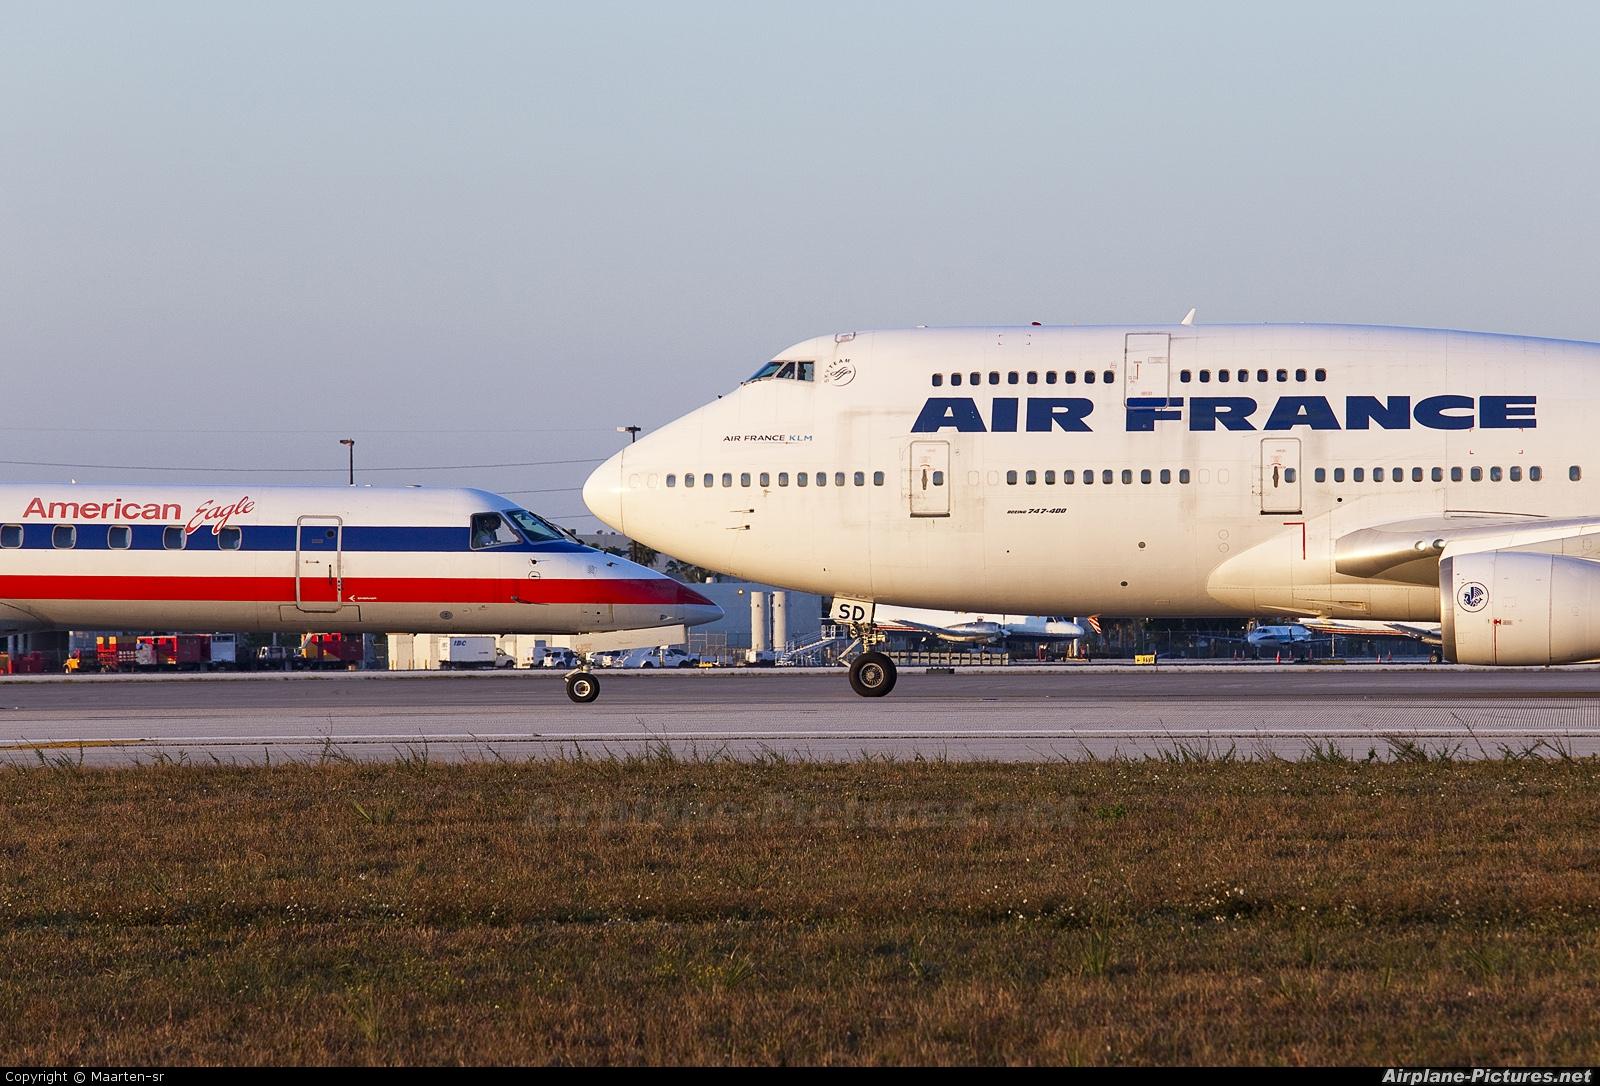 Air France F-GISD aircraft at Miami Intl